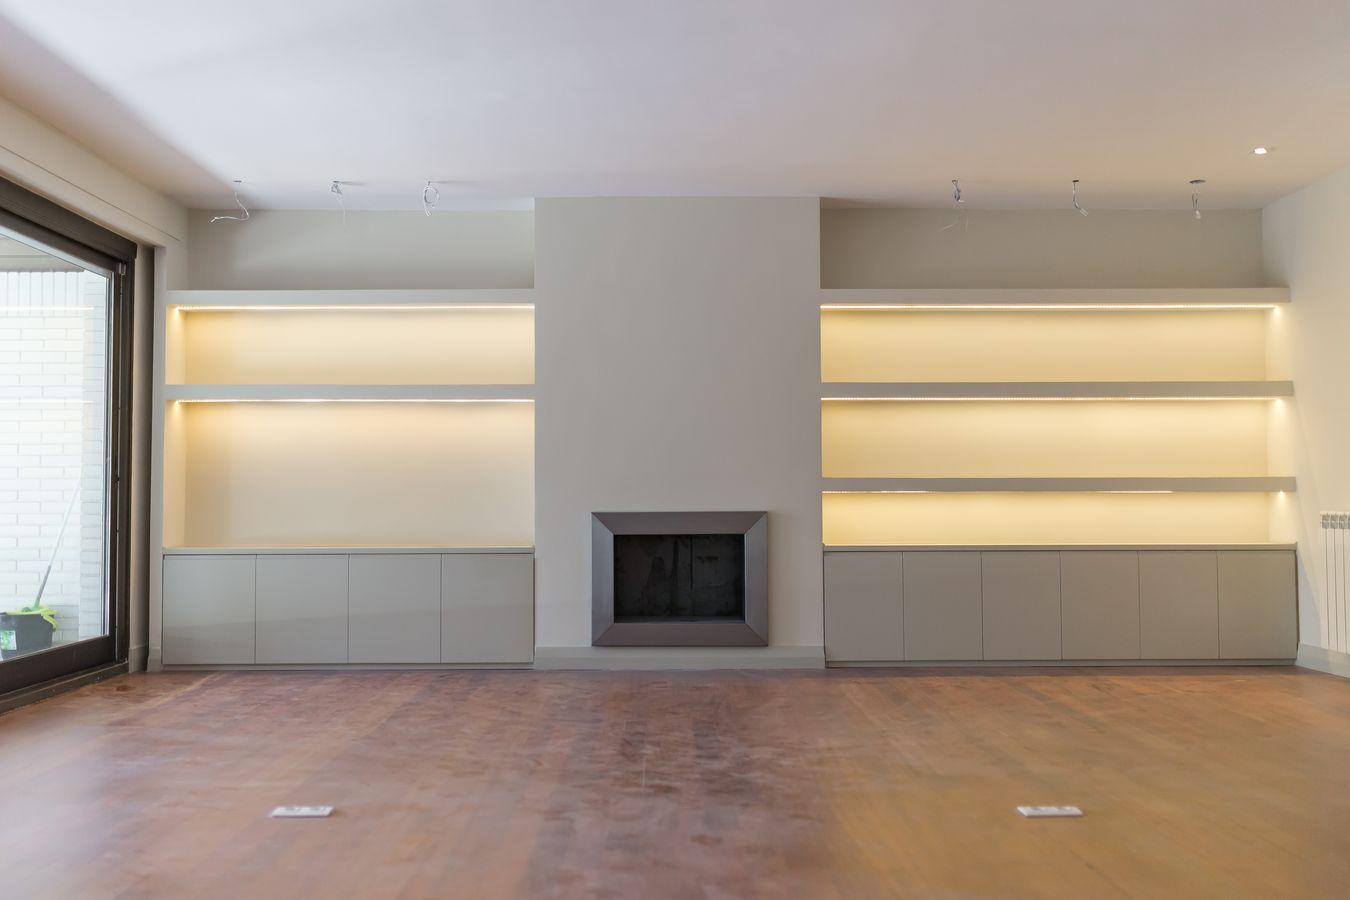 Reforma Integral Casa Soto de la Moraleja - Mural del salón